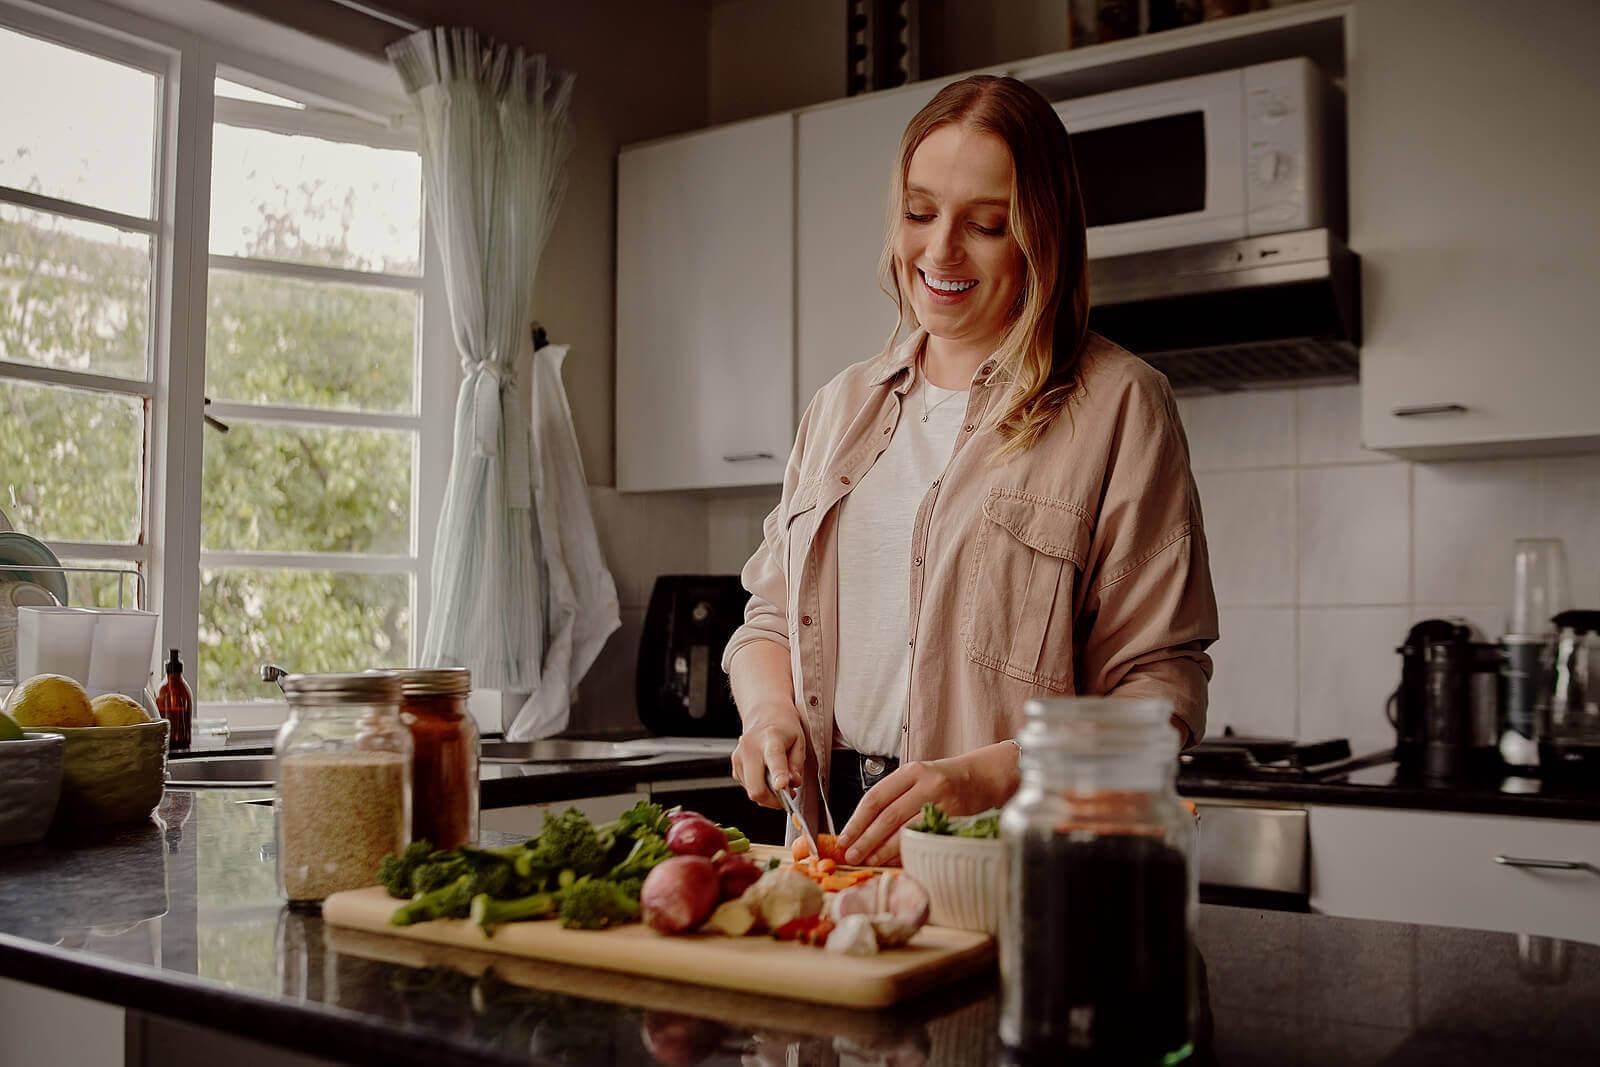 äta middag tidigt: kvinna lagar mat